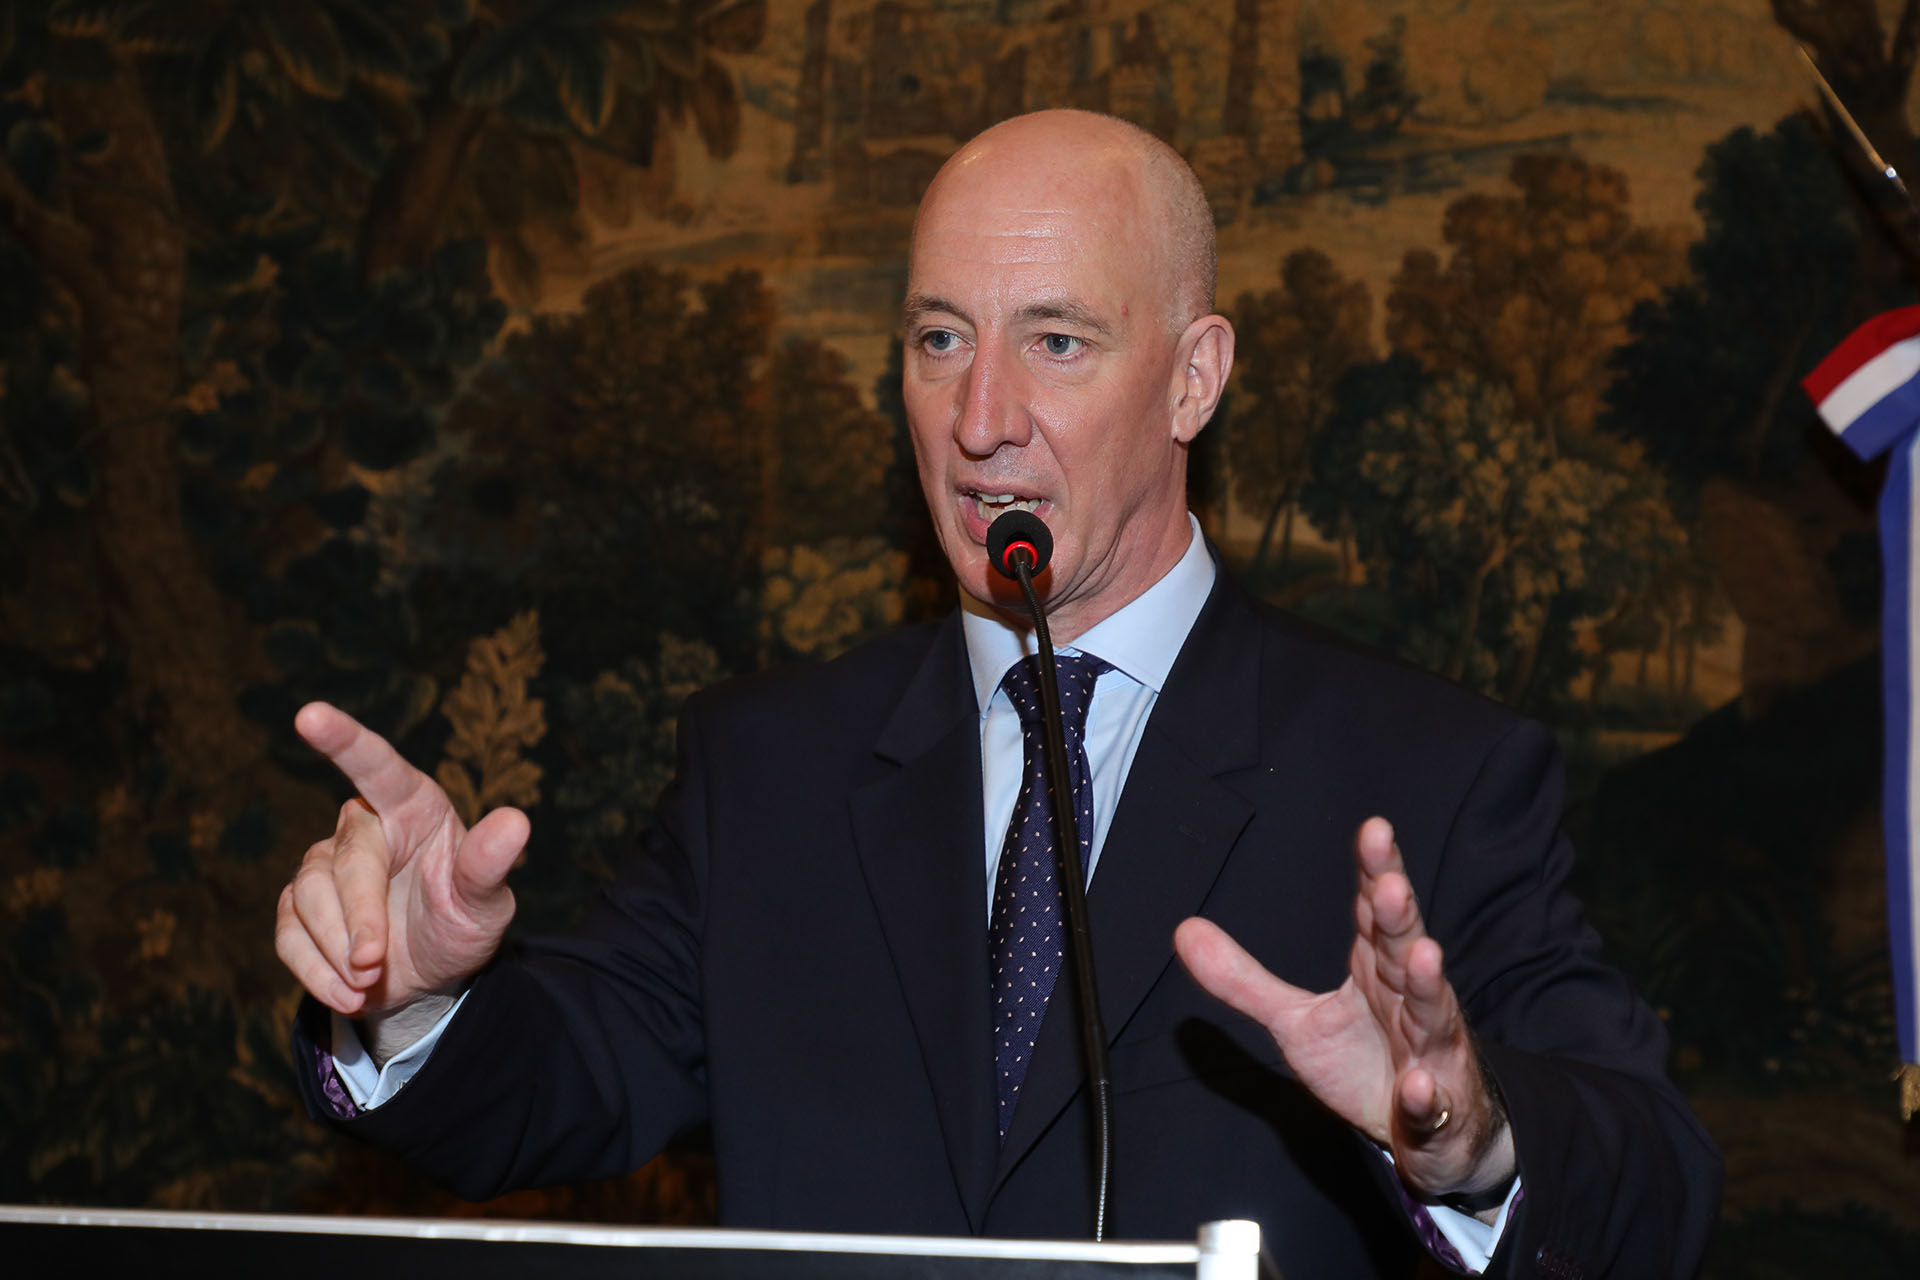 El embajador Mark Kent durante la celebración del cumpleaños de la reina Isabel II, que se llevó a cabo en la residencia británica